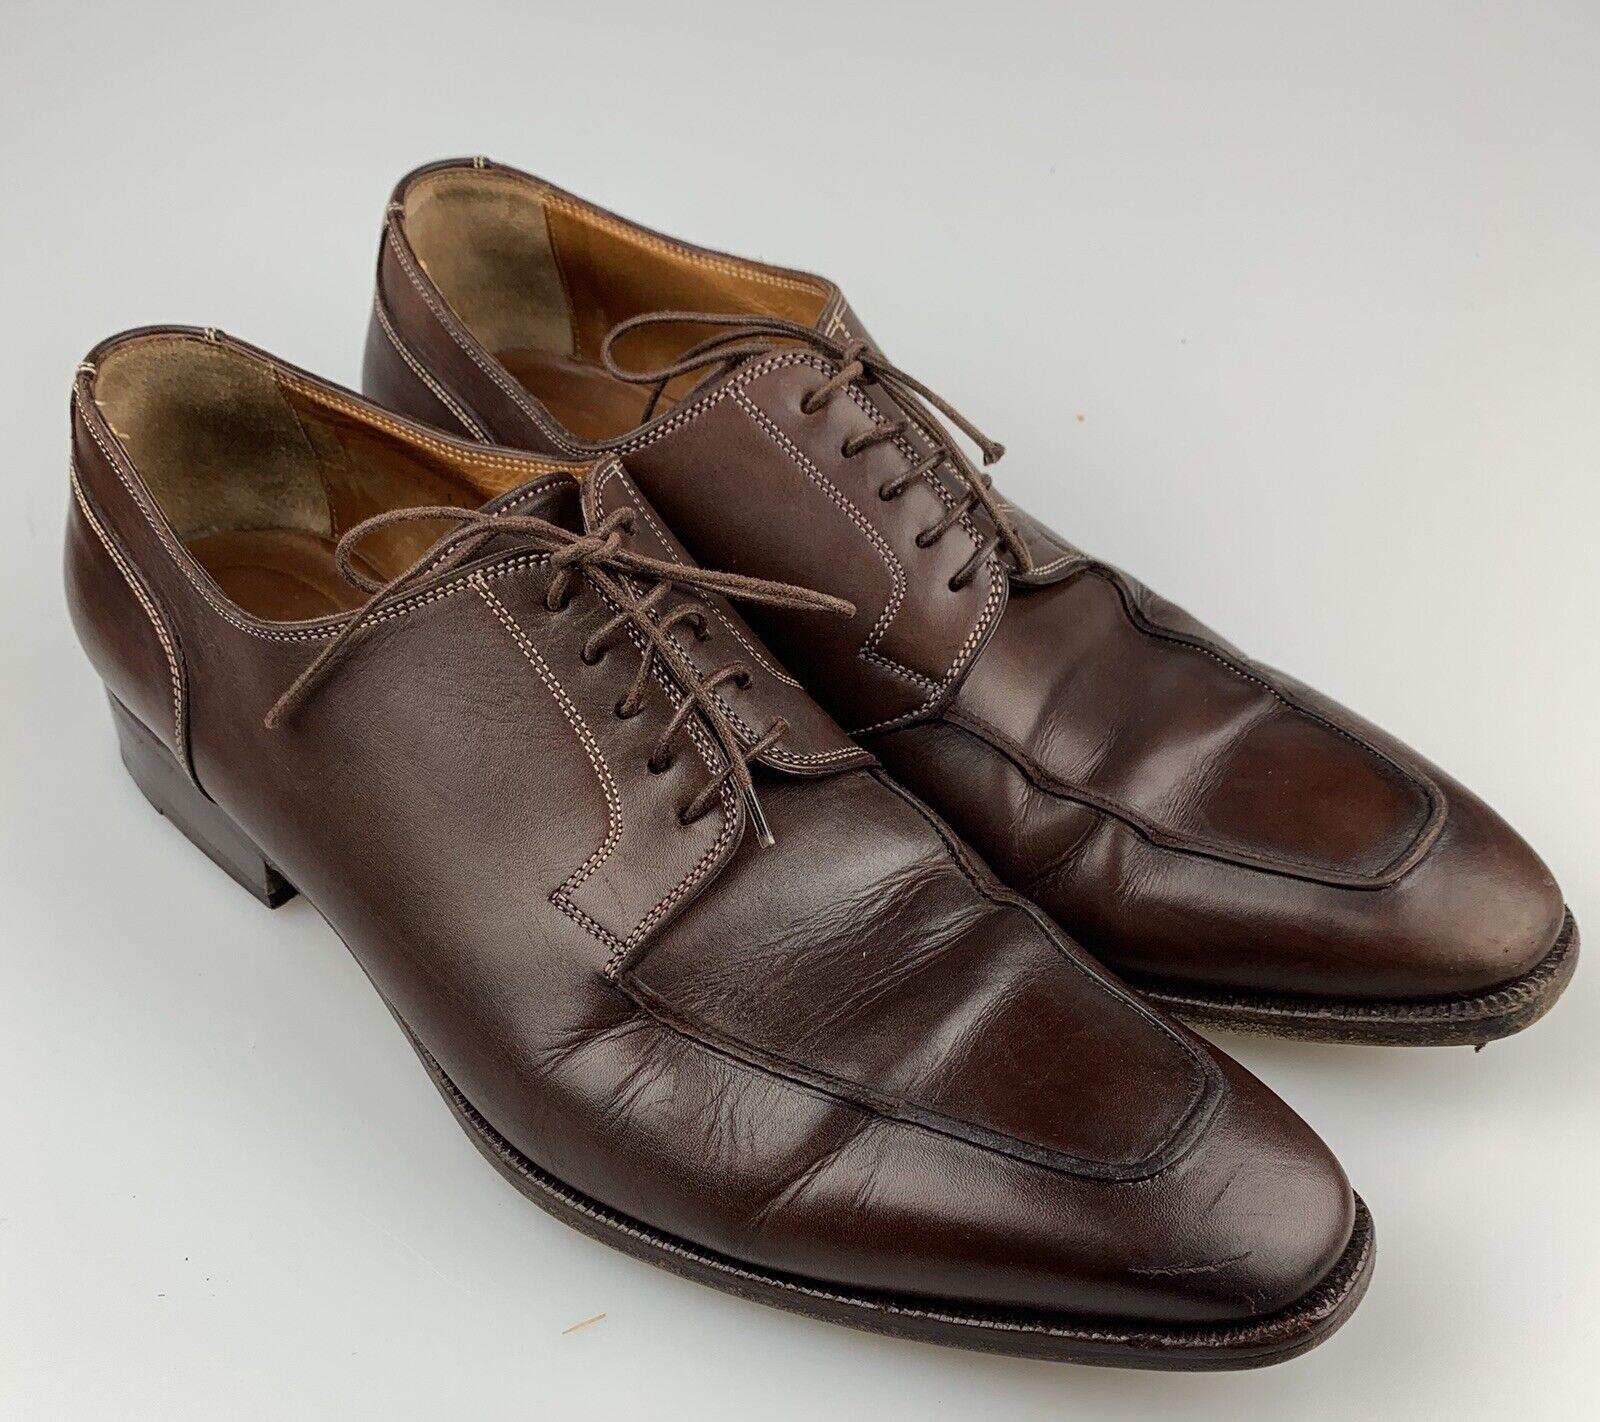 SANTONI PRICHARD Marronee Leather Apron Toe sautope Dimensione 11 D Style 75161150 Sautope classeiche da uomo